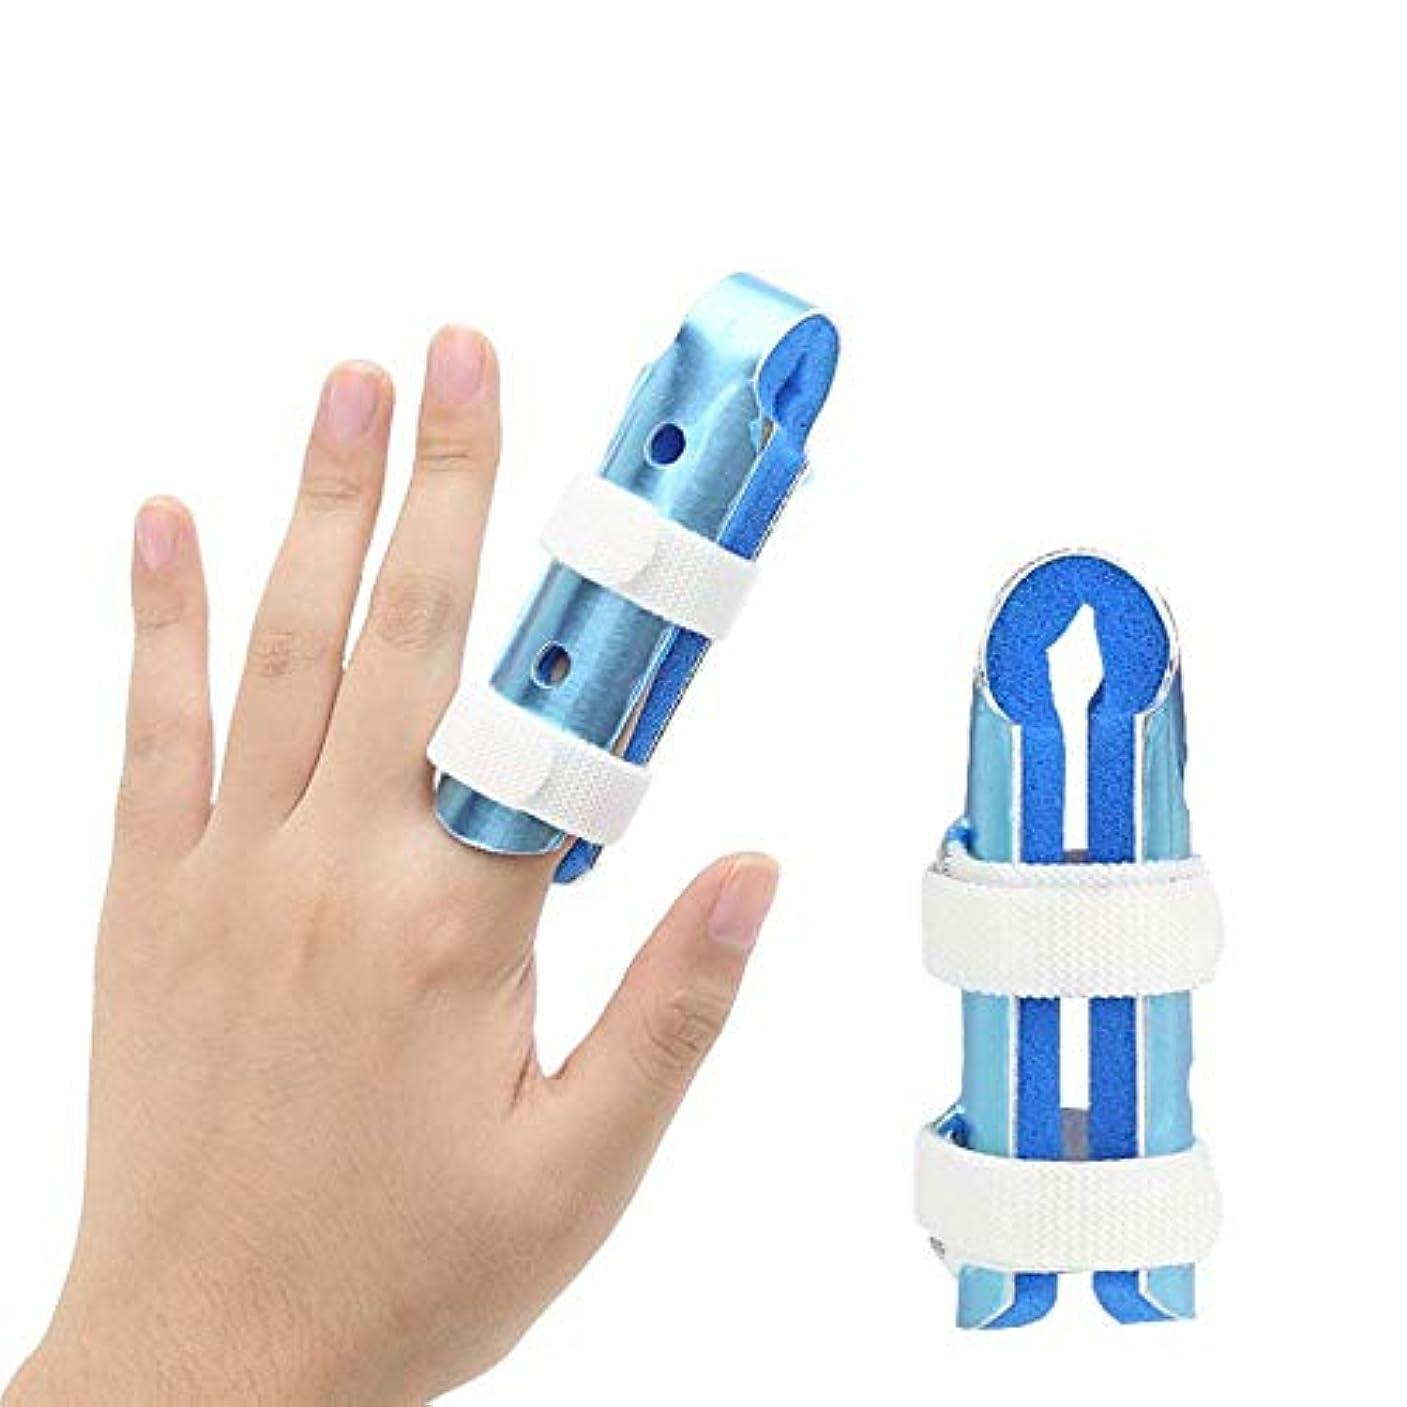 貫通偏見目に見える指の損傷のサポート、トリガーフィンガースプリントの動きフィンガージョイント装具クラッシュプロテクター,8CM